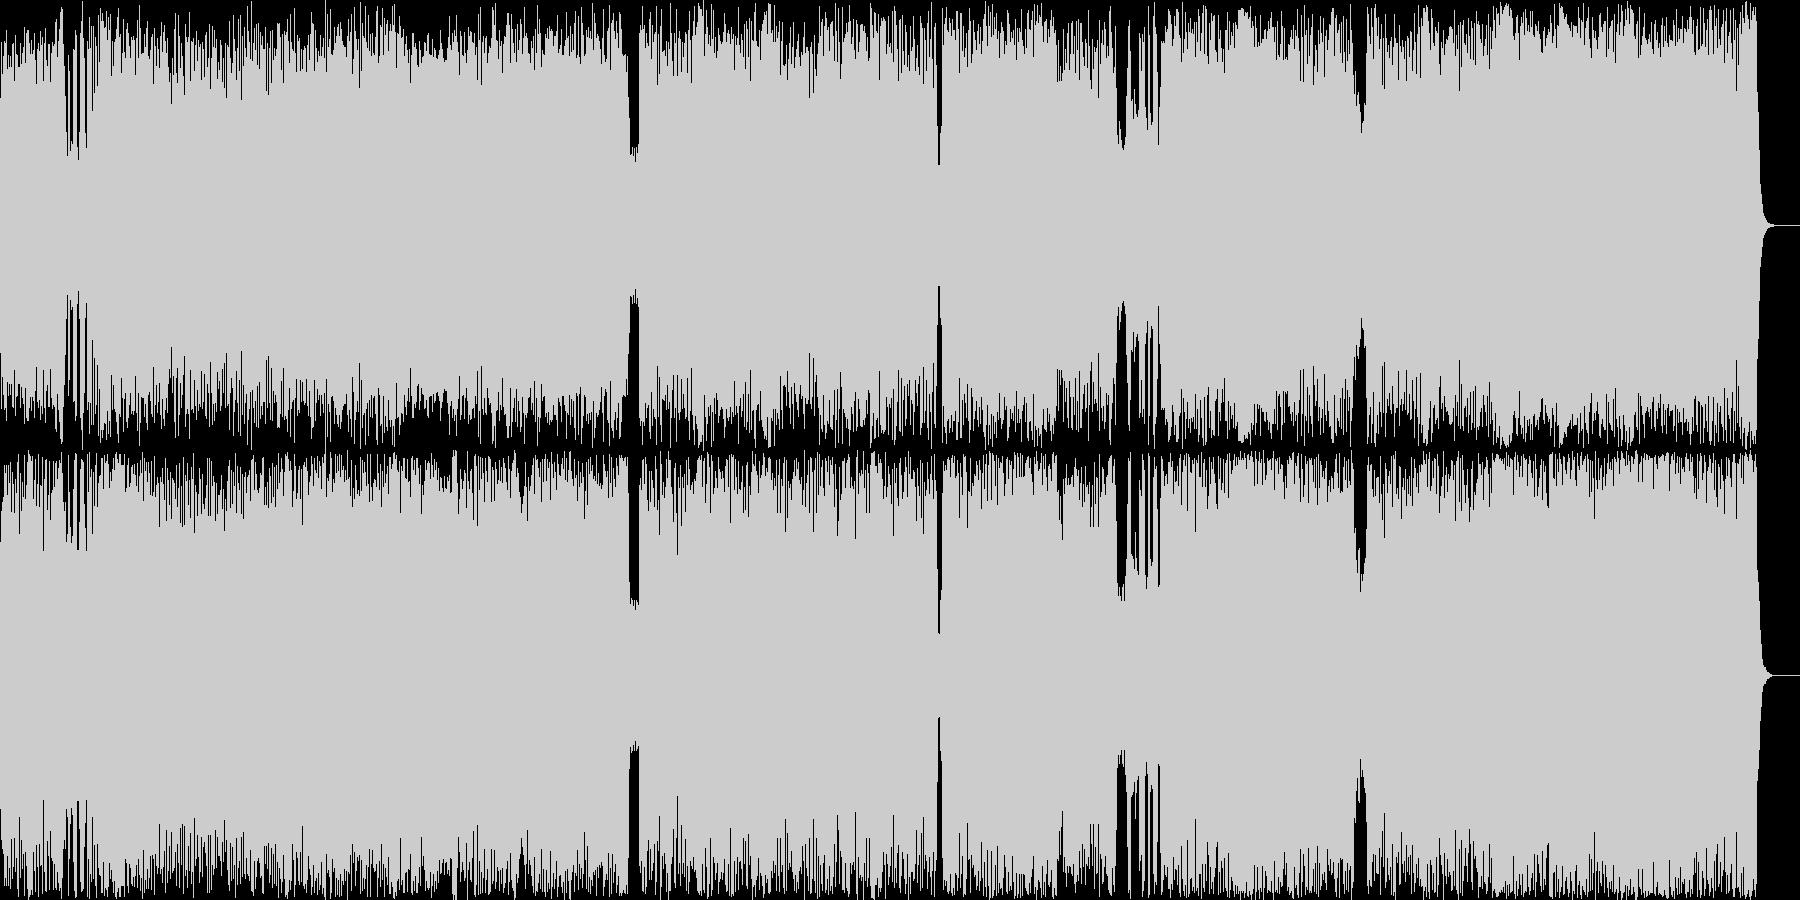 テンポの速いメロディアスなメタルロックの未再生の波形